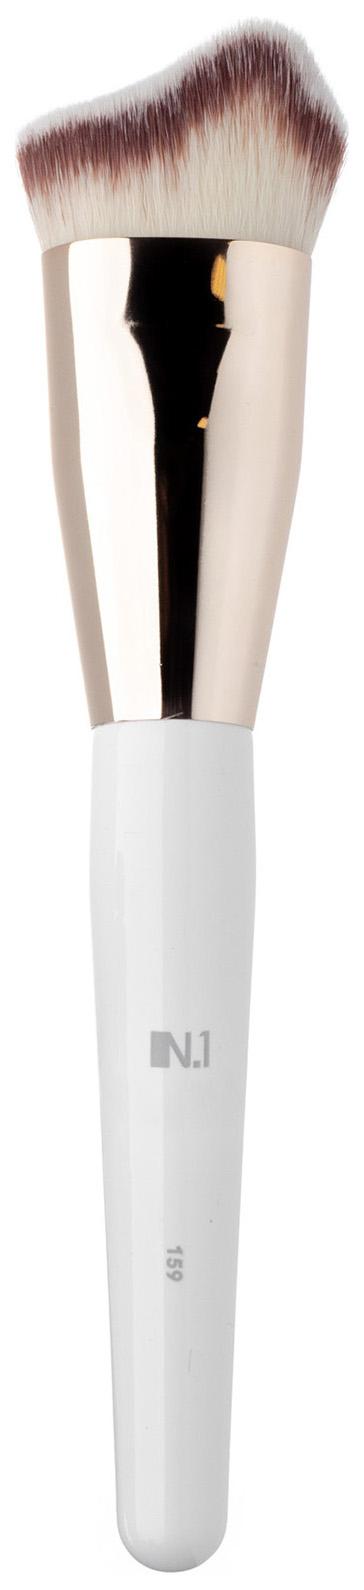 Кисть для макияжа N.1 Заостренная для контуринга лица из ворса таклон №159